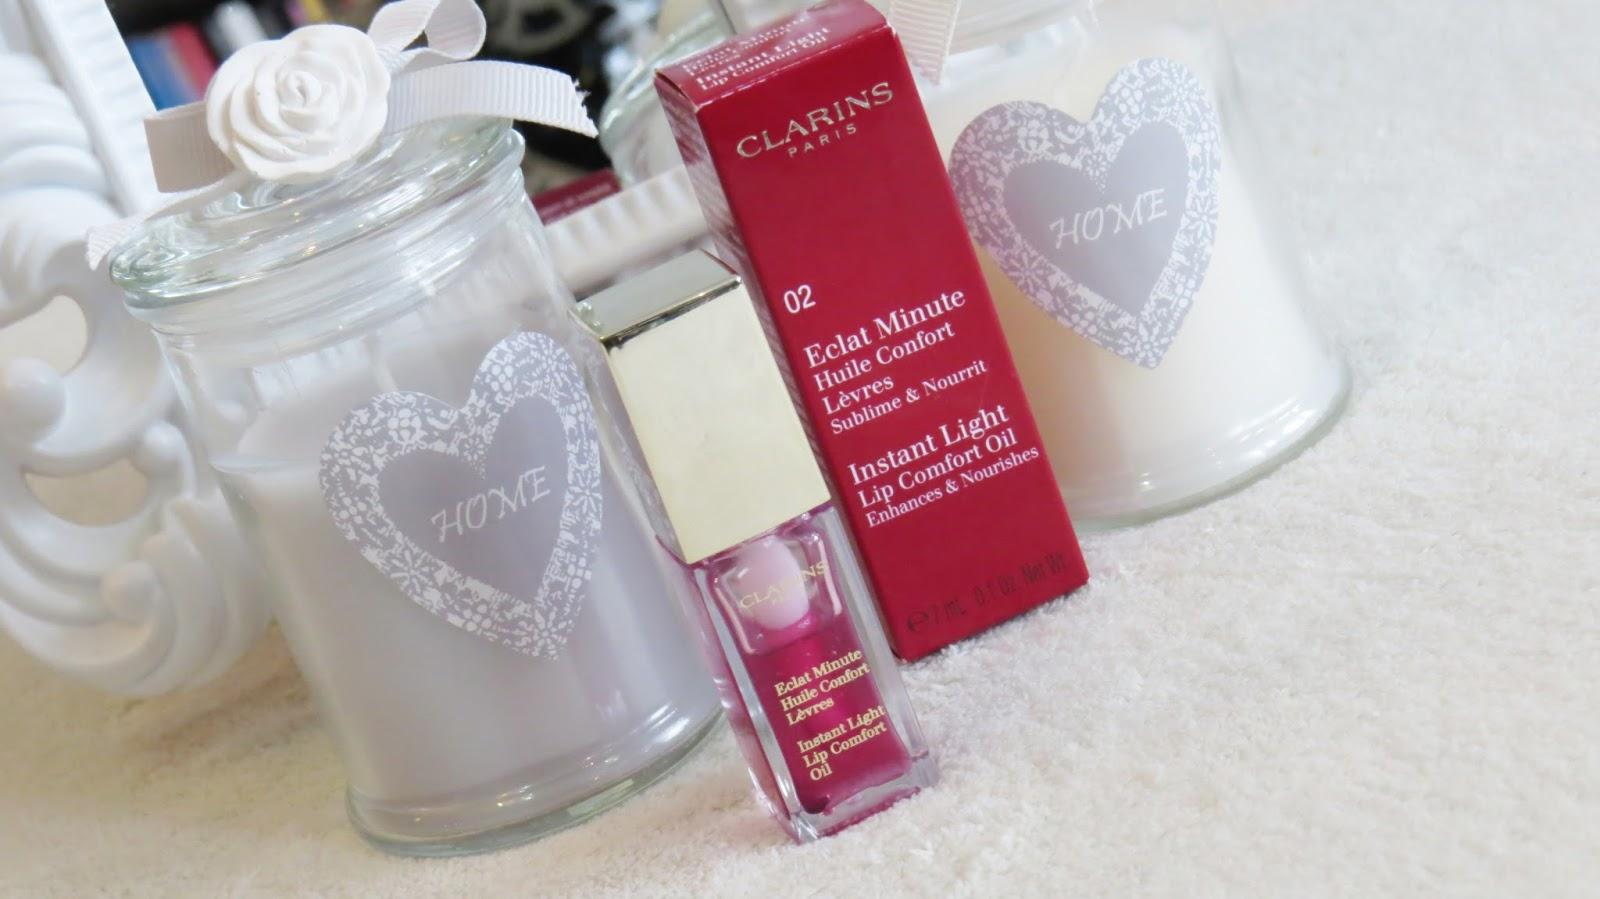 Clarins Instant Light Lip Comfort Oil- regeneracja i odżywienie naszych ust